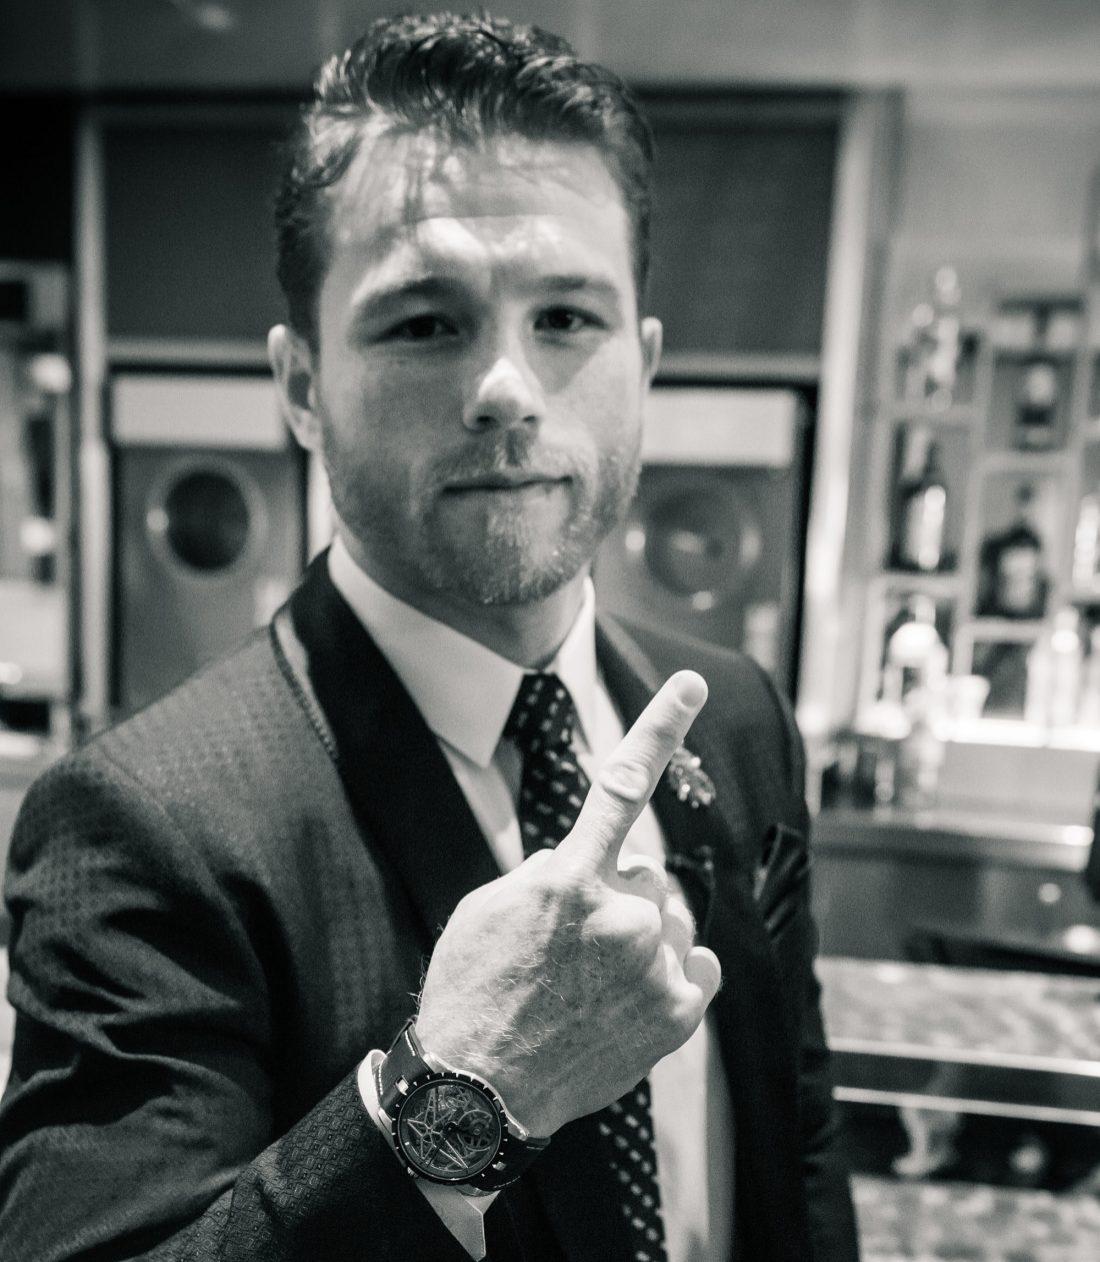 Canelo con saco, corbata y camisa blanca mostrando su reloj